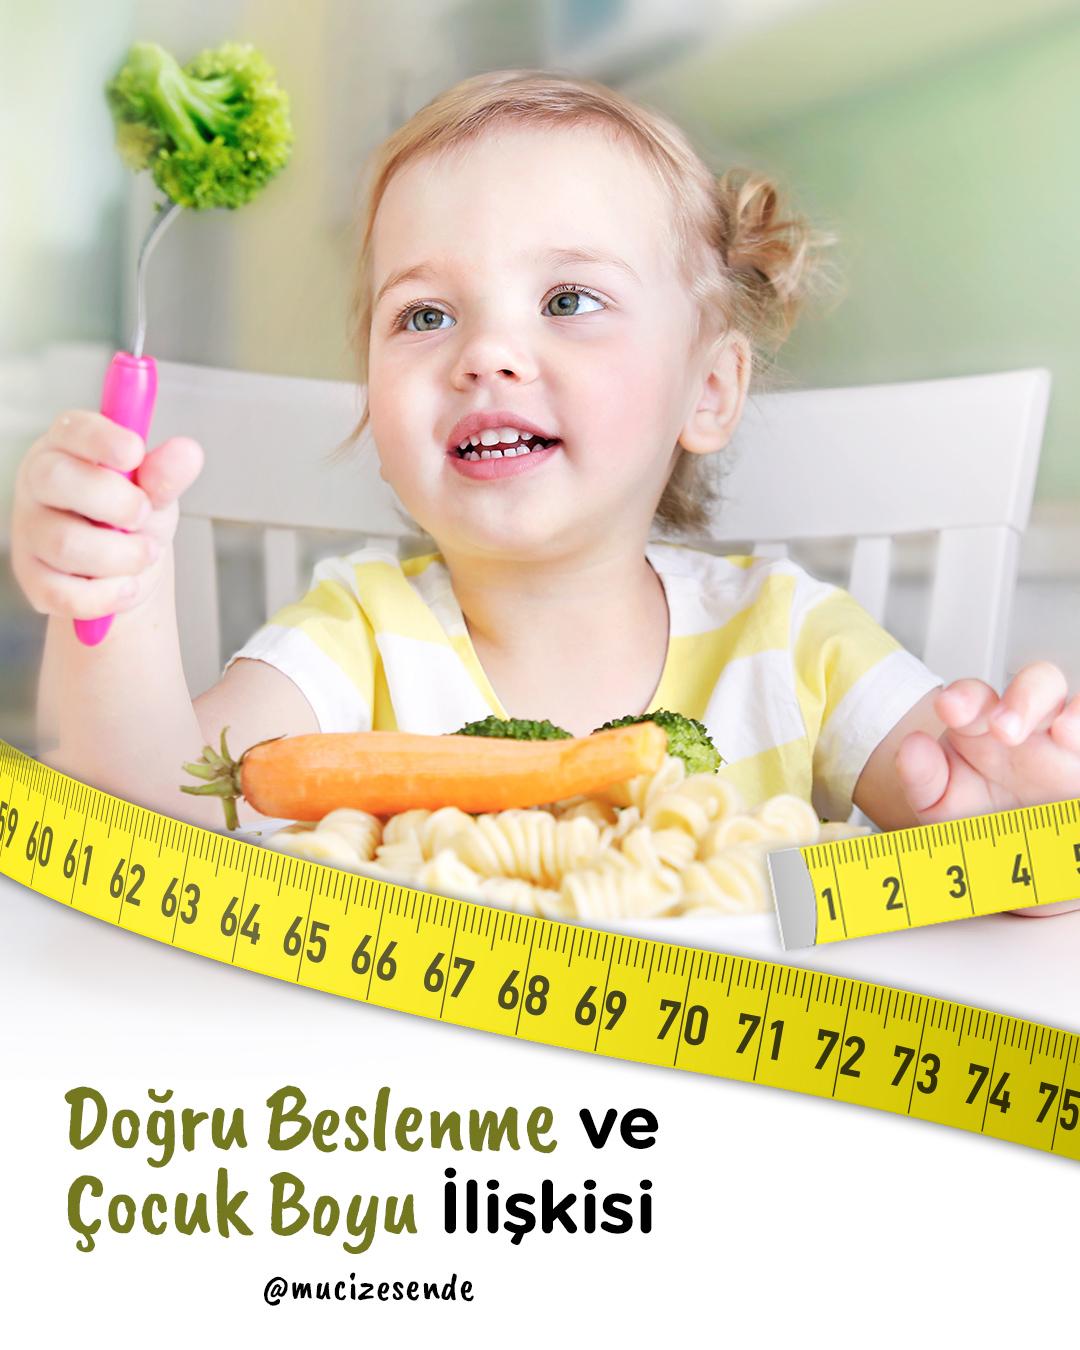 Doğru Beslenme & Çocuk Boyu İlişkisi: